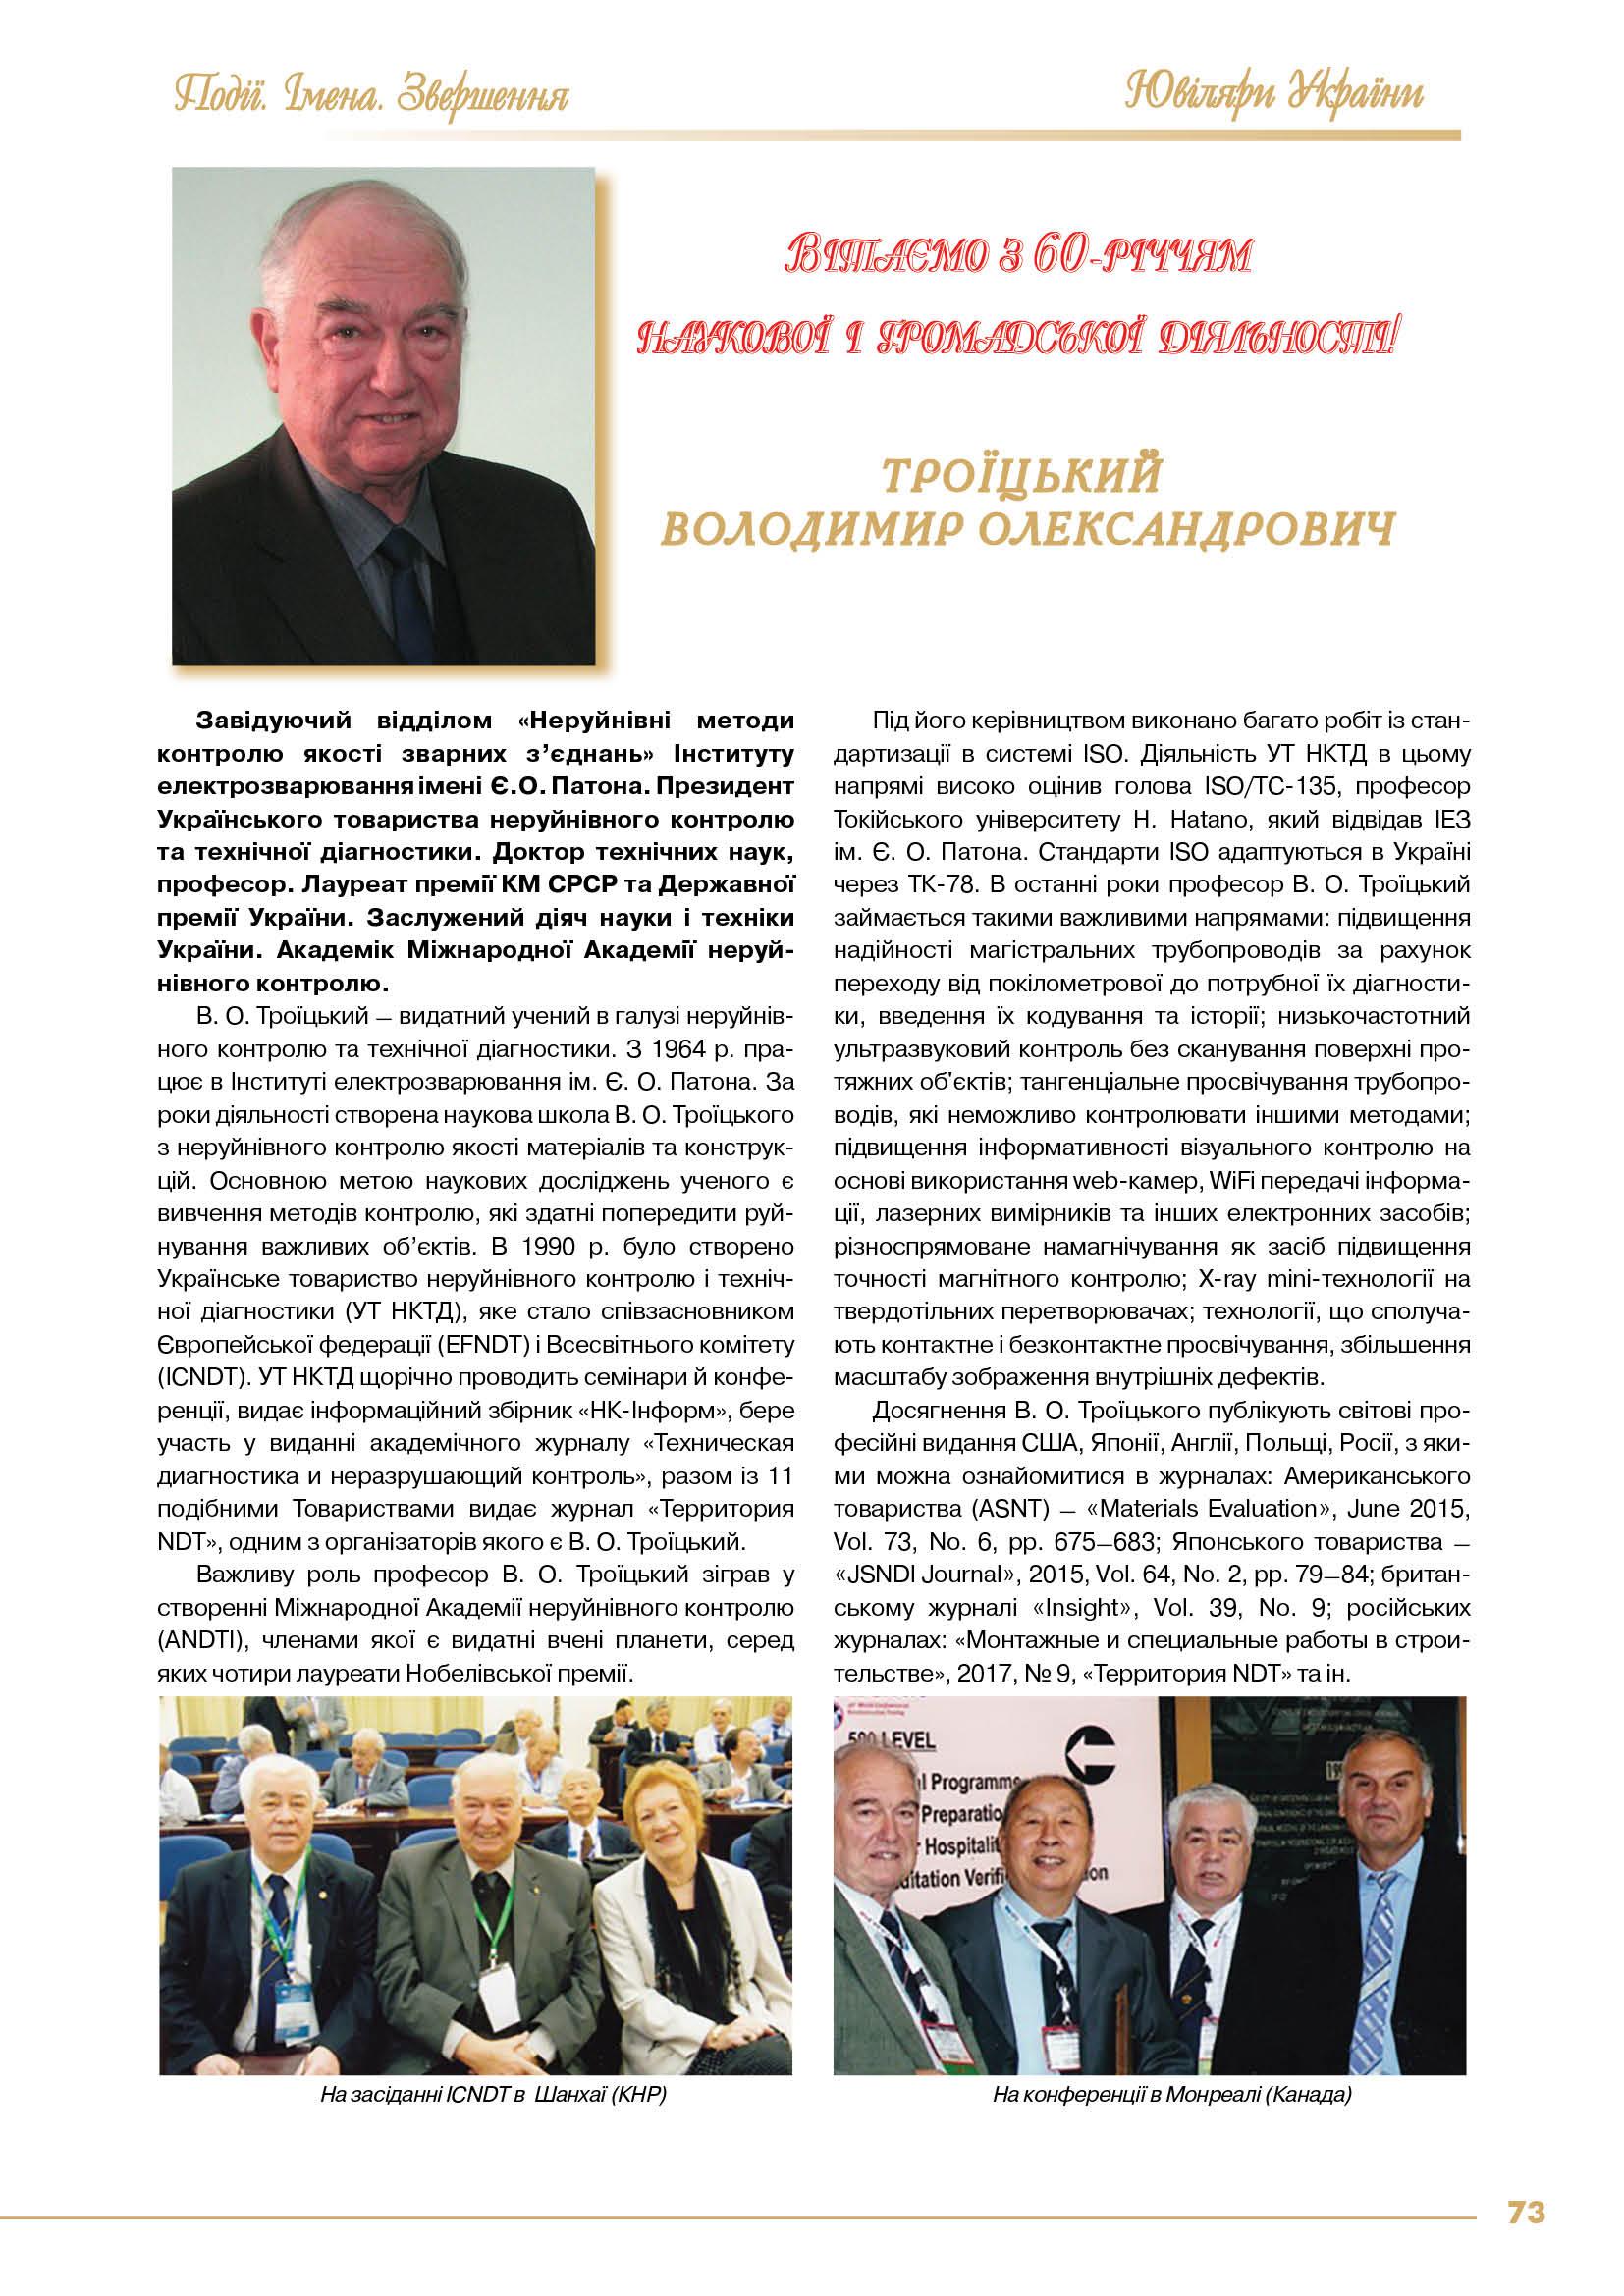 Троїцький Володимир Олександрович